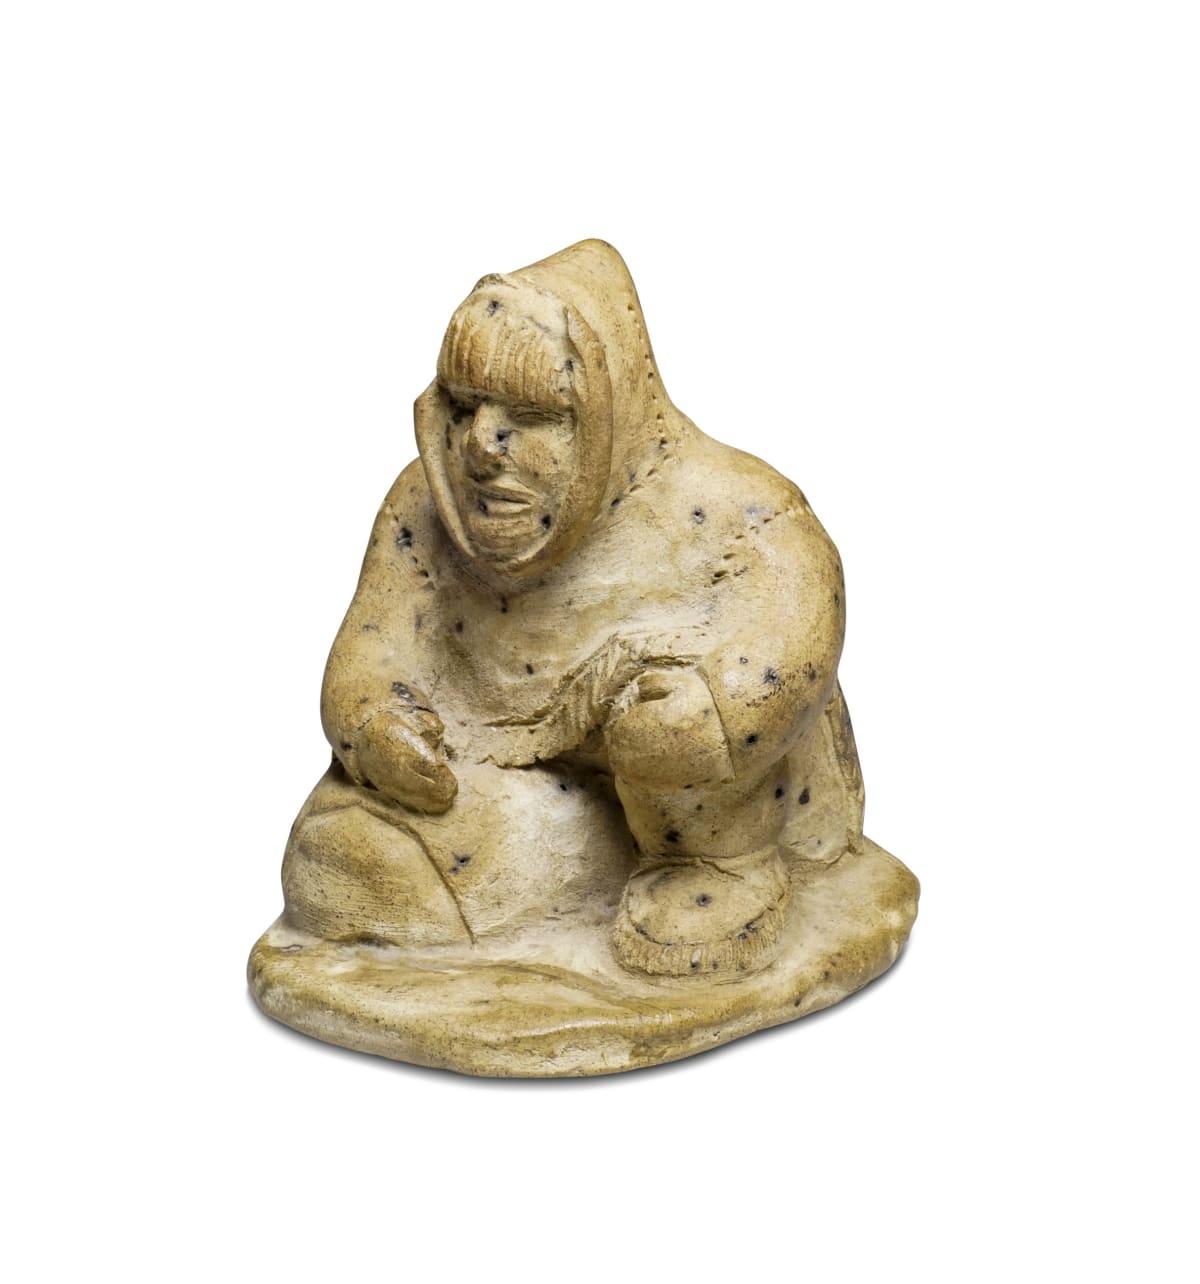 LOT 45 LAURENT AKSADJUAK (1935-2002) KANGIQLINIQ (RANKIN INLET) Seated Hunter, early 1970s ceramic, 3 x 2 1/2 x 3 in (7.6 x 6.3 x 7.6 cm) ESTIMATE: $500 — $800